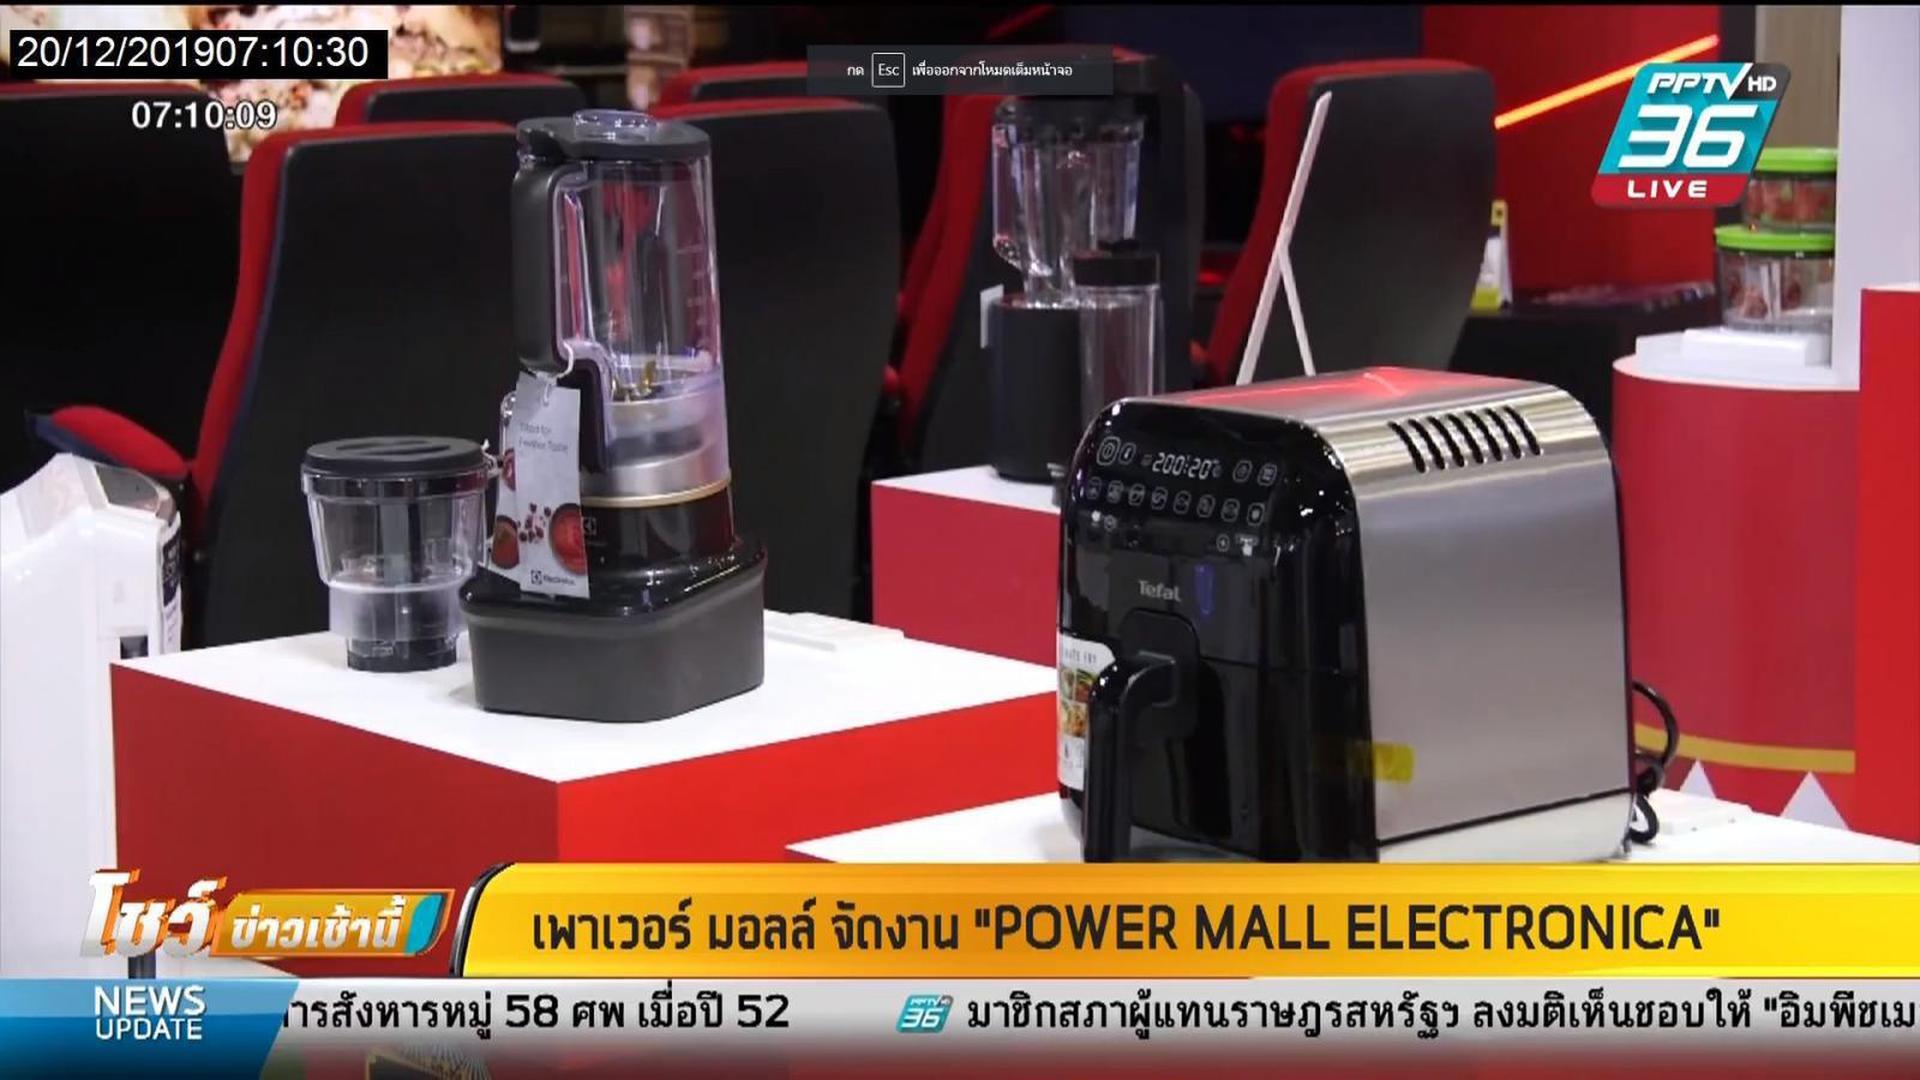 เพาเวอร์ มอลล์ จัดงาน POWER MALL ELECTRONICA มหกรรมเครื่องใช้ไฟฟ้า ส่งท้ายปี